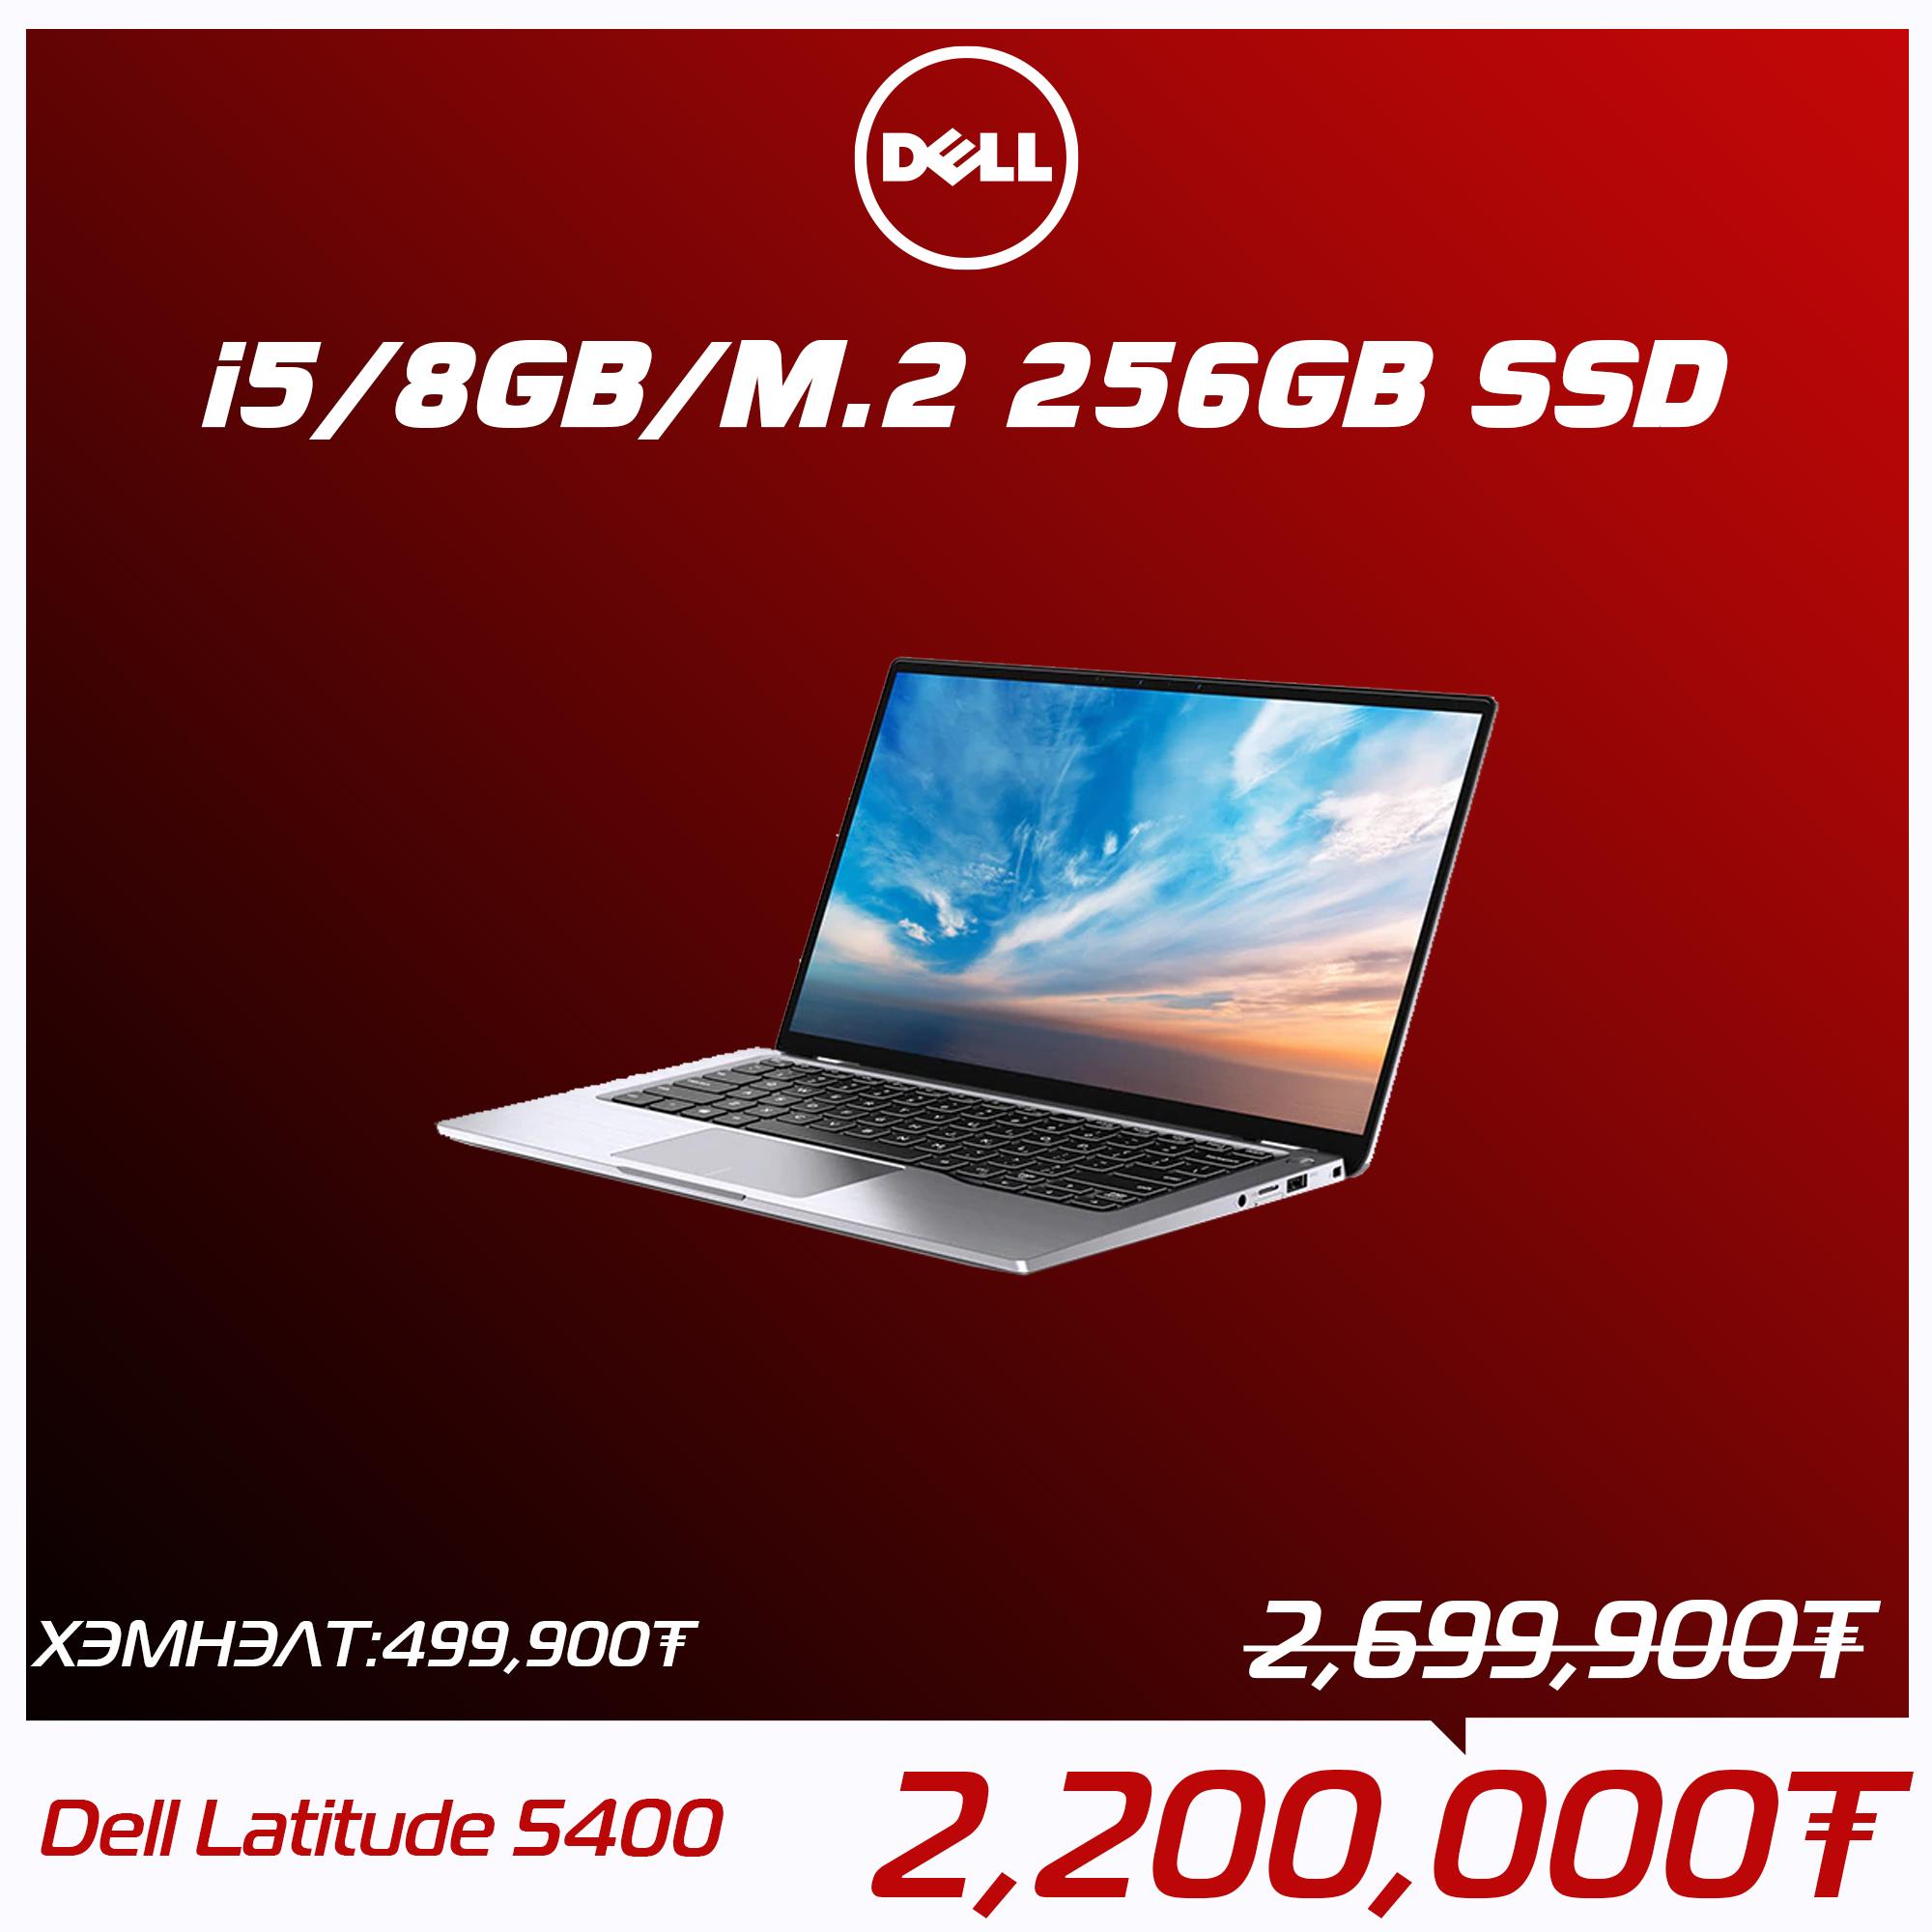 Dell Latitude 5400 i5